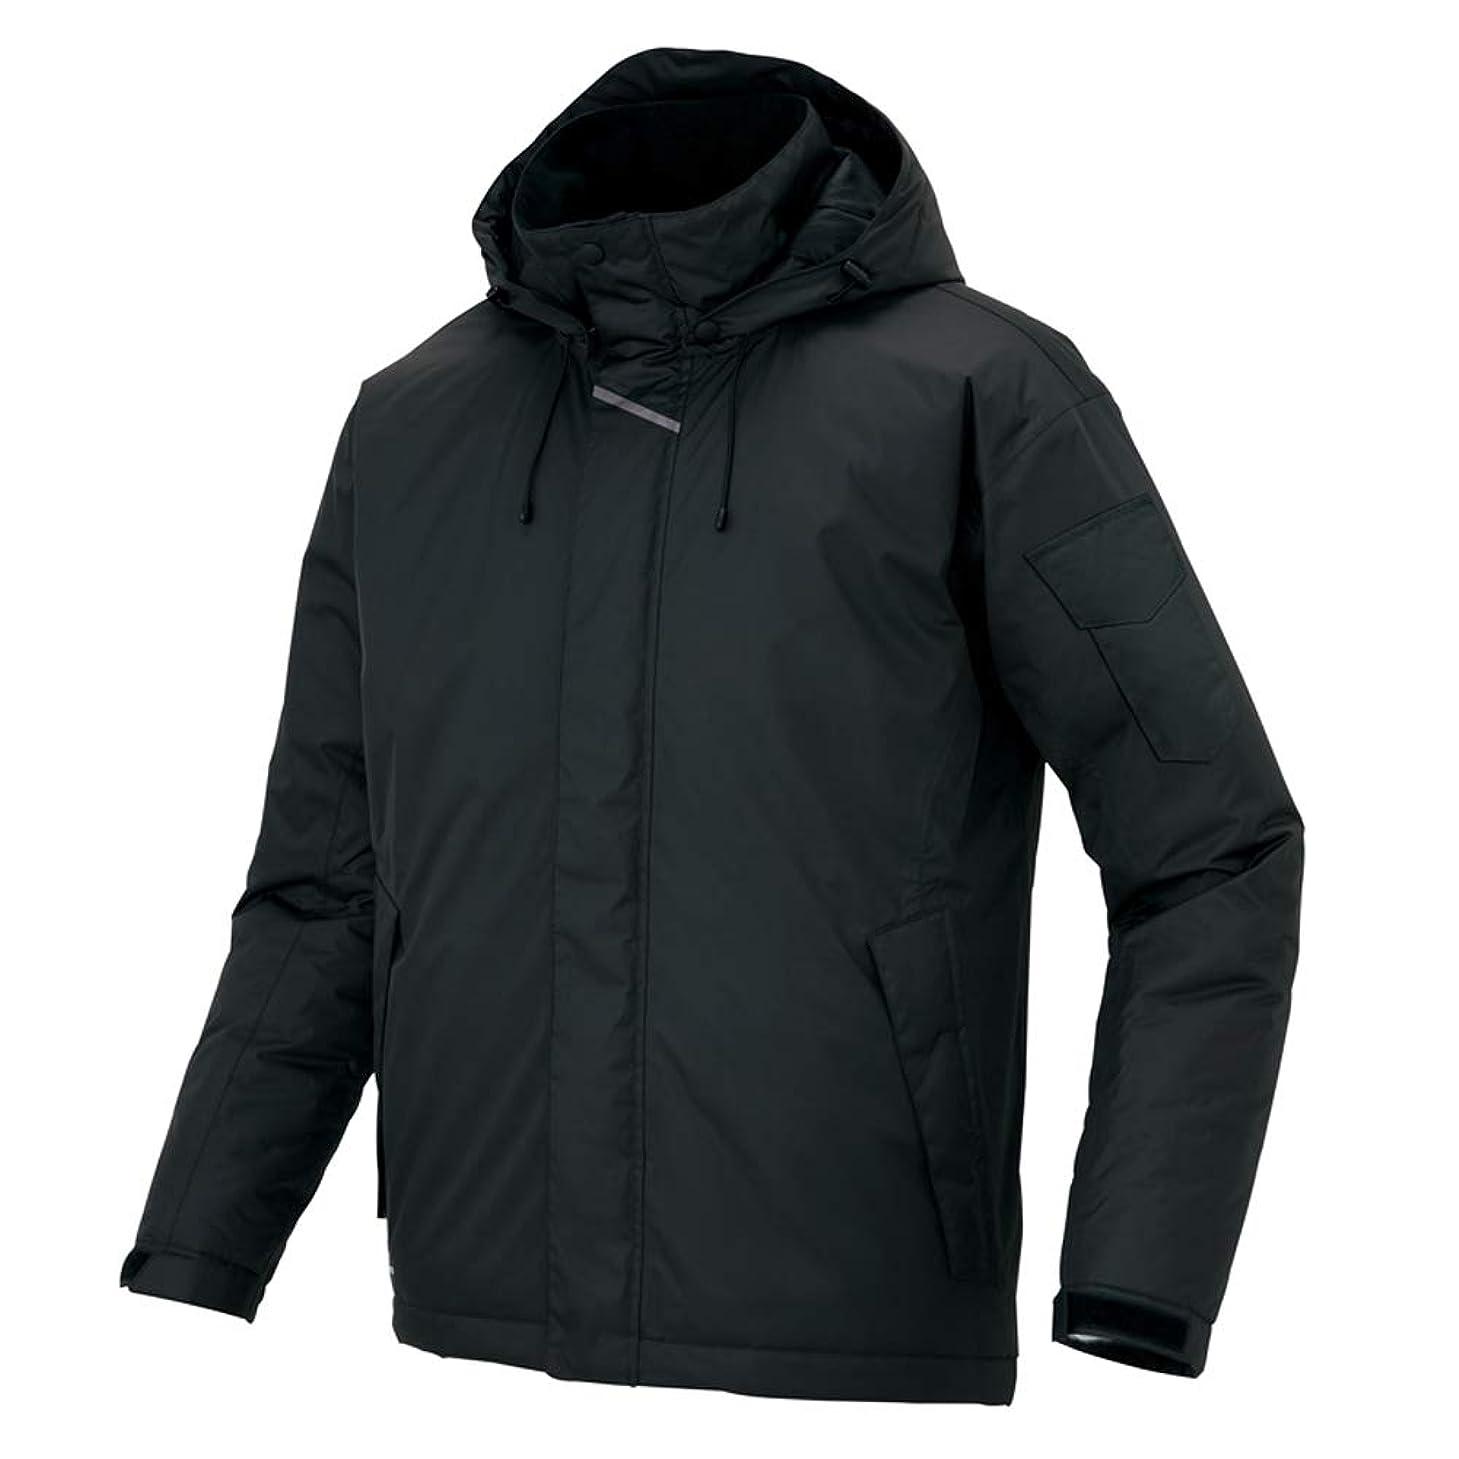 剥ぎ取る予想外スタウトアイトス AITOZ 防水防寒コート(男女兼用) AZ8870 010 ブラック L